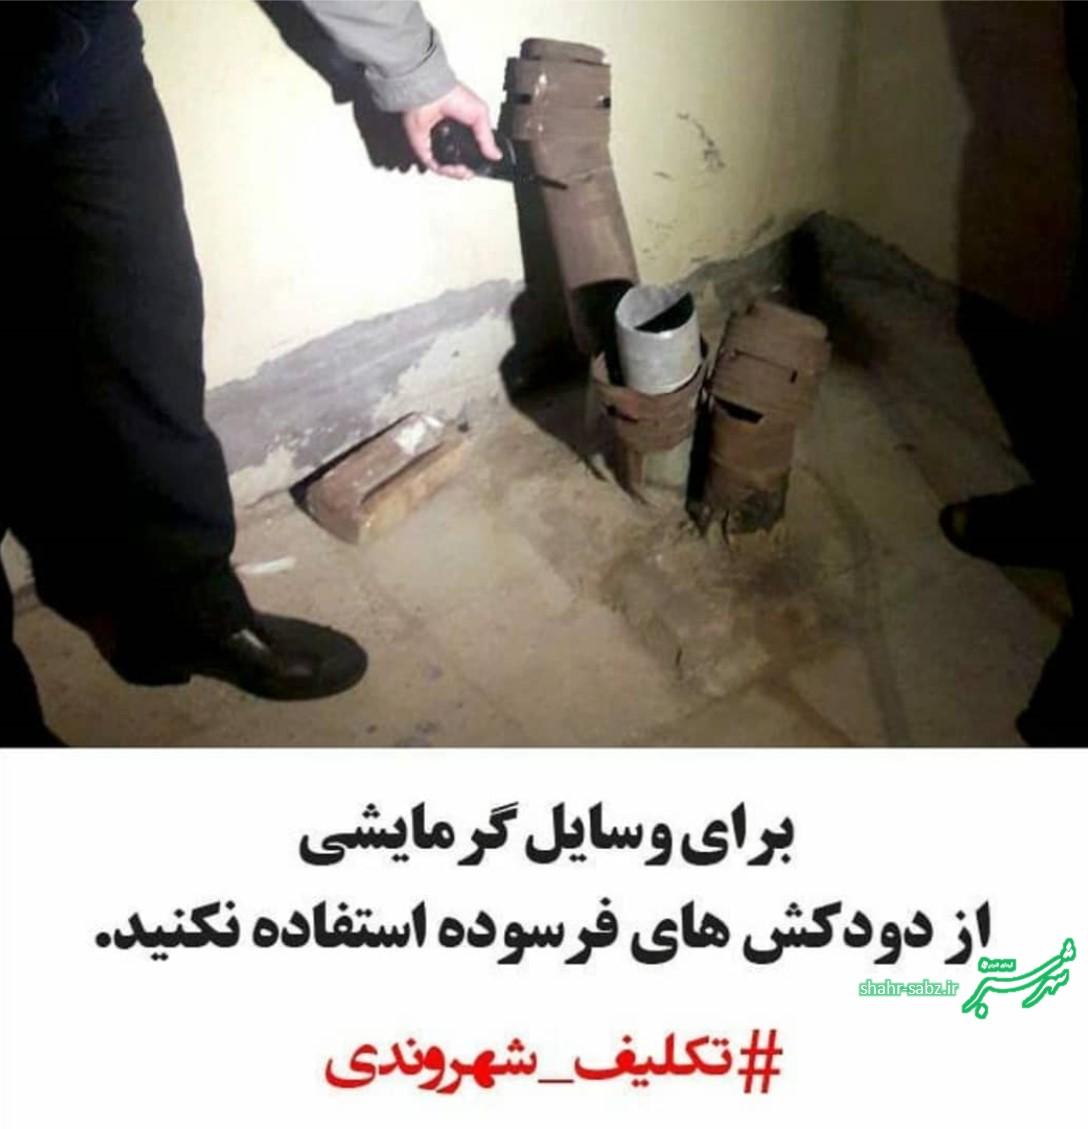 تکلیف شهروندی: دودکش بخاری